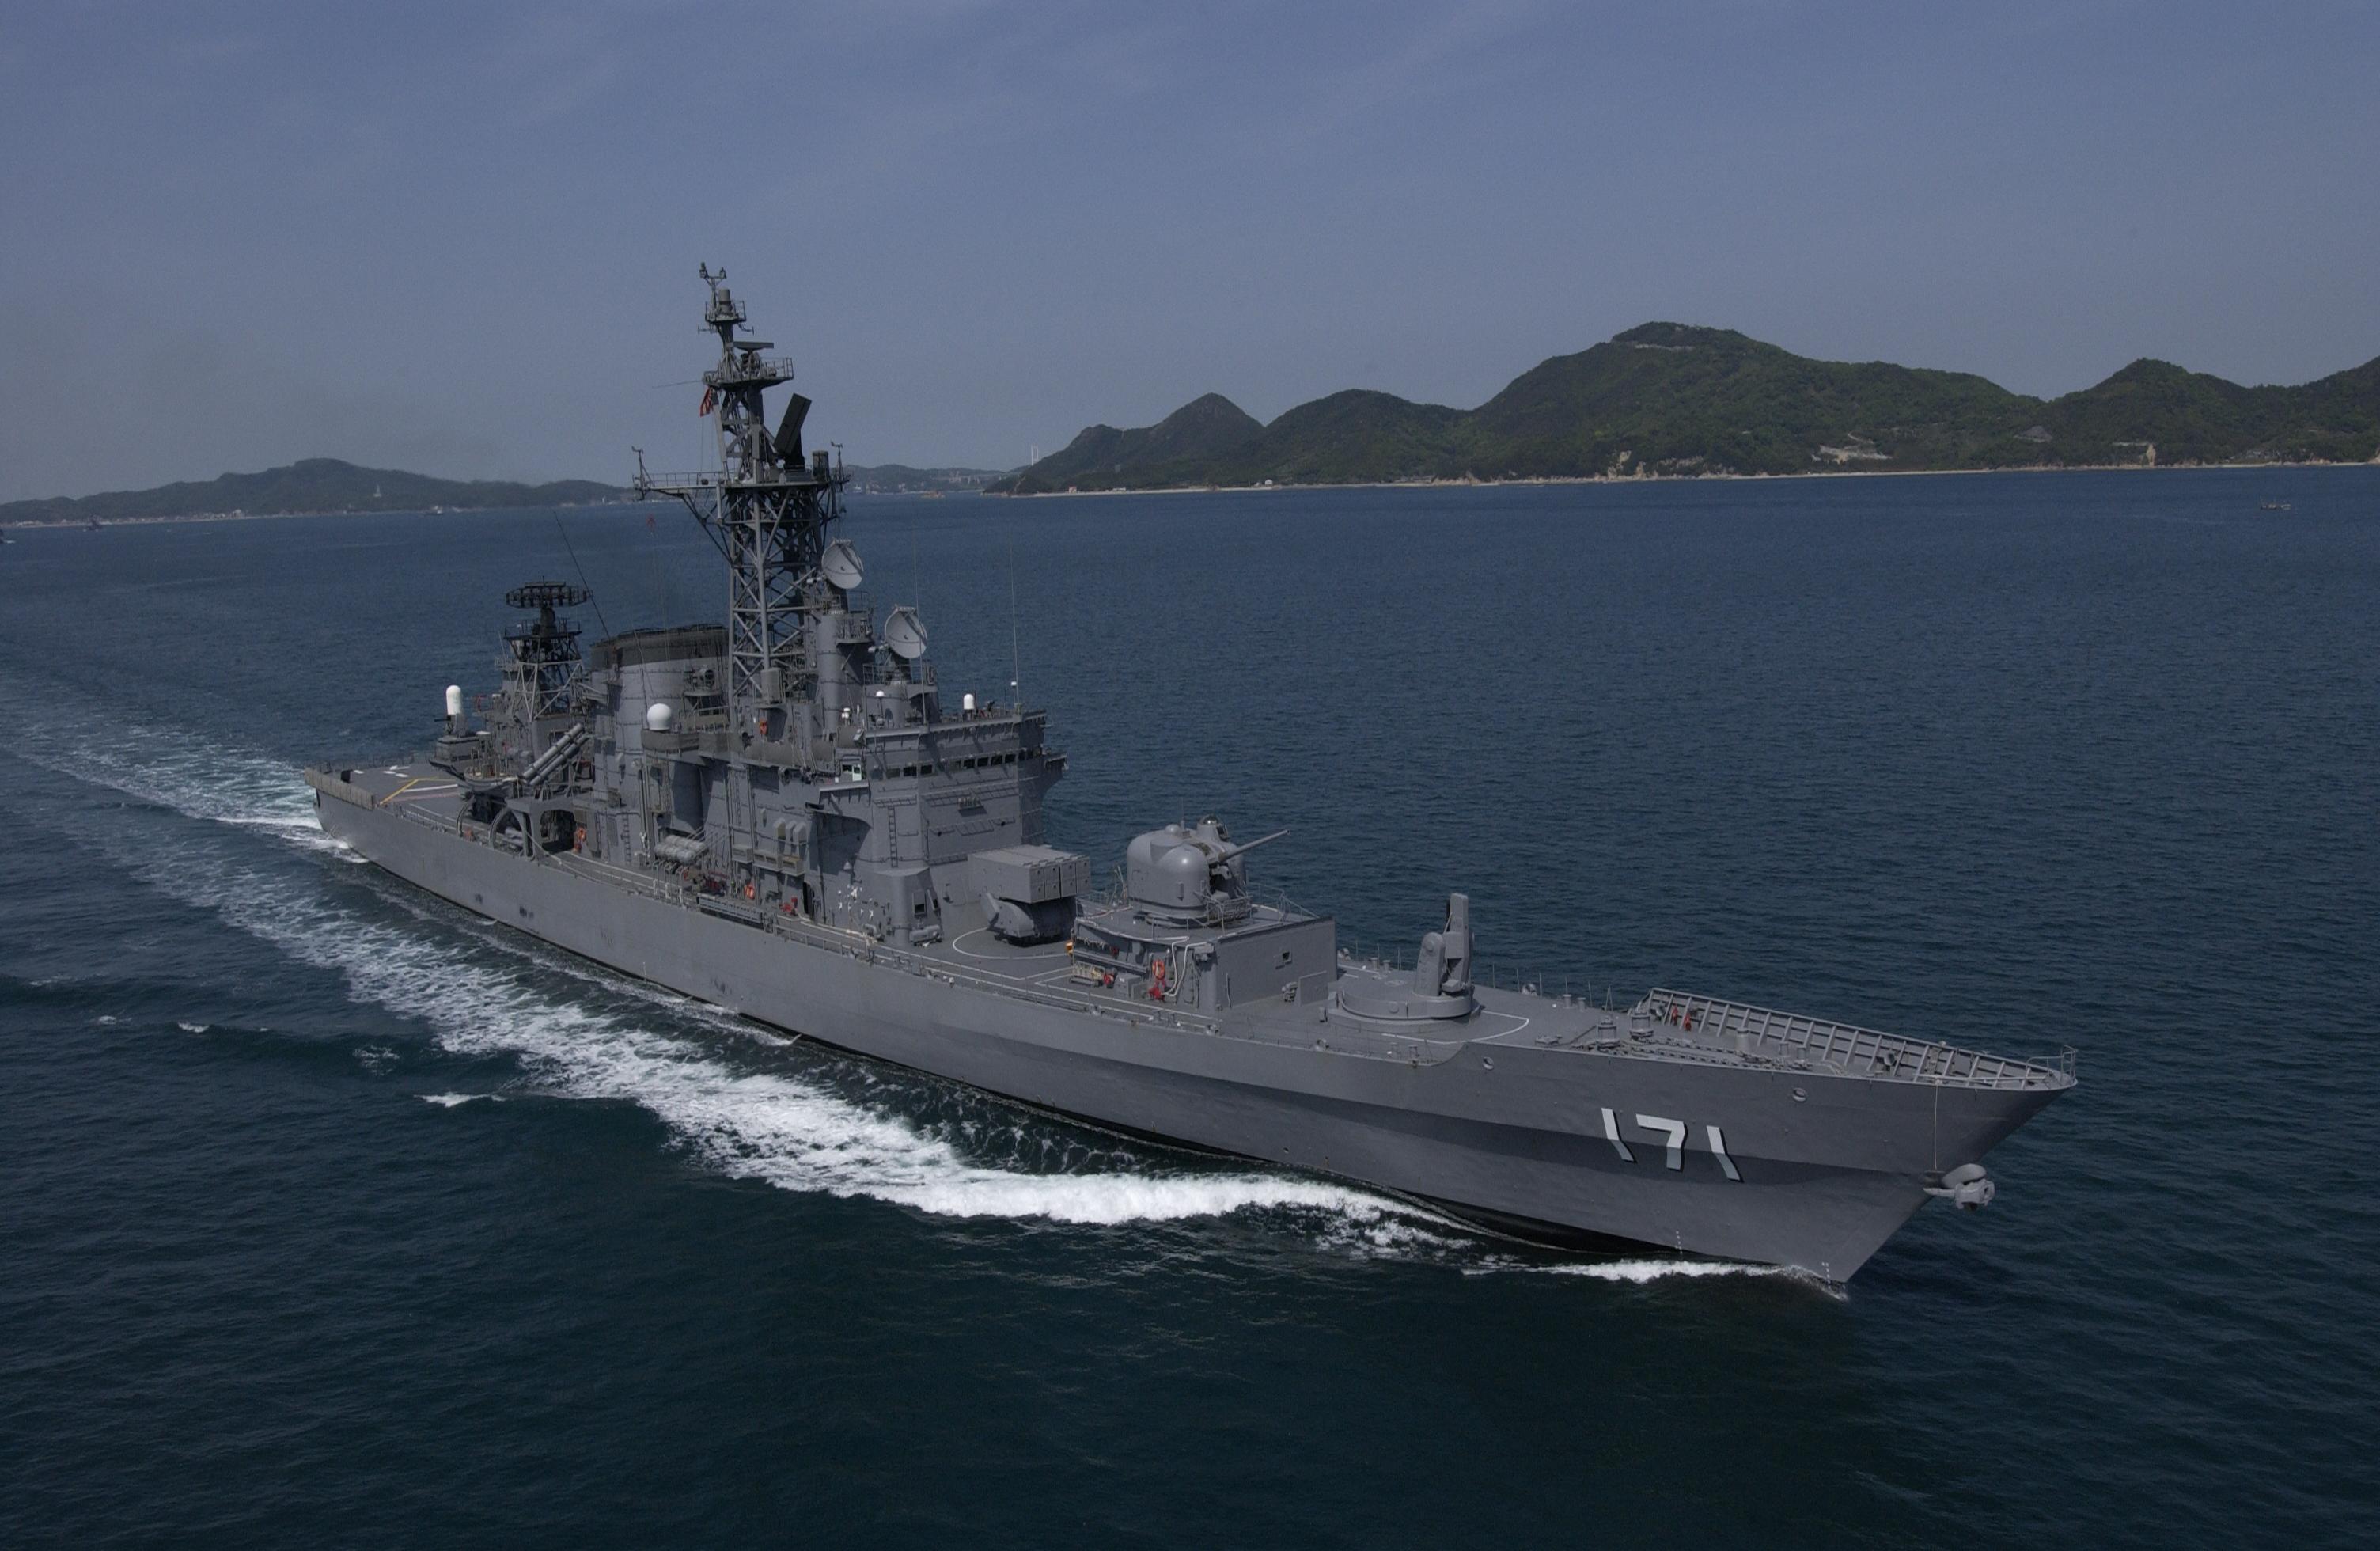 護衛艦「はたかぜ」型|水上艦艇|装備品|海上自衛隊 〔JMSDF ...